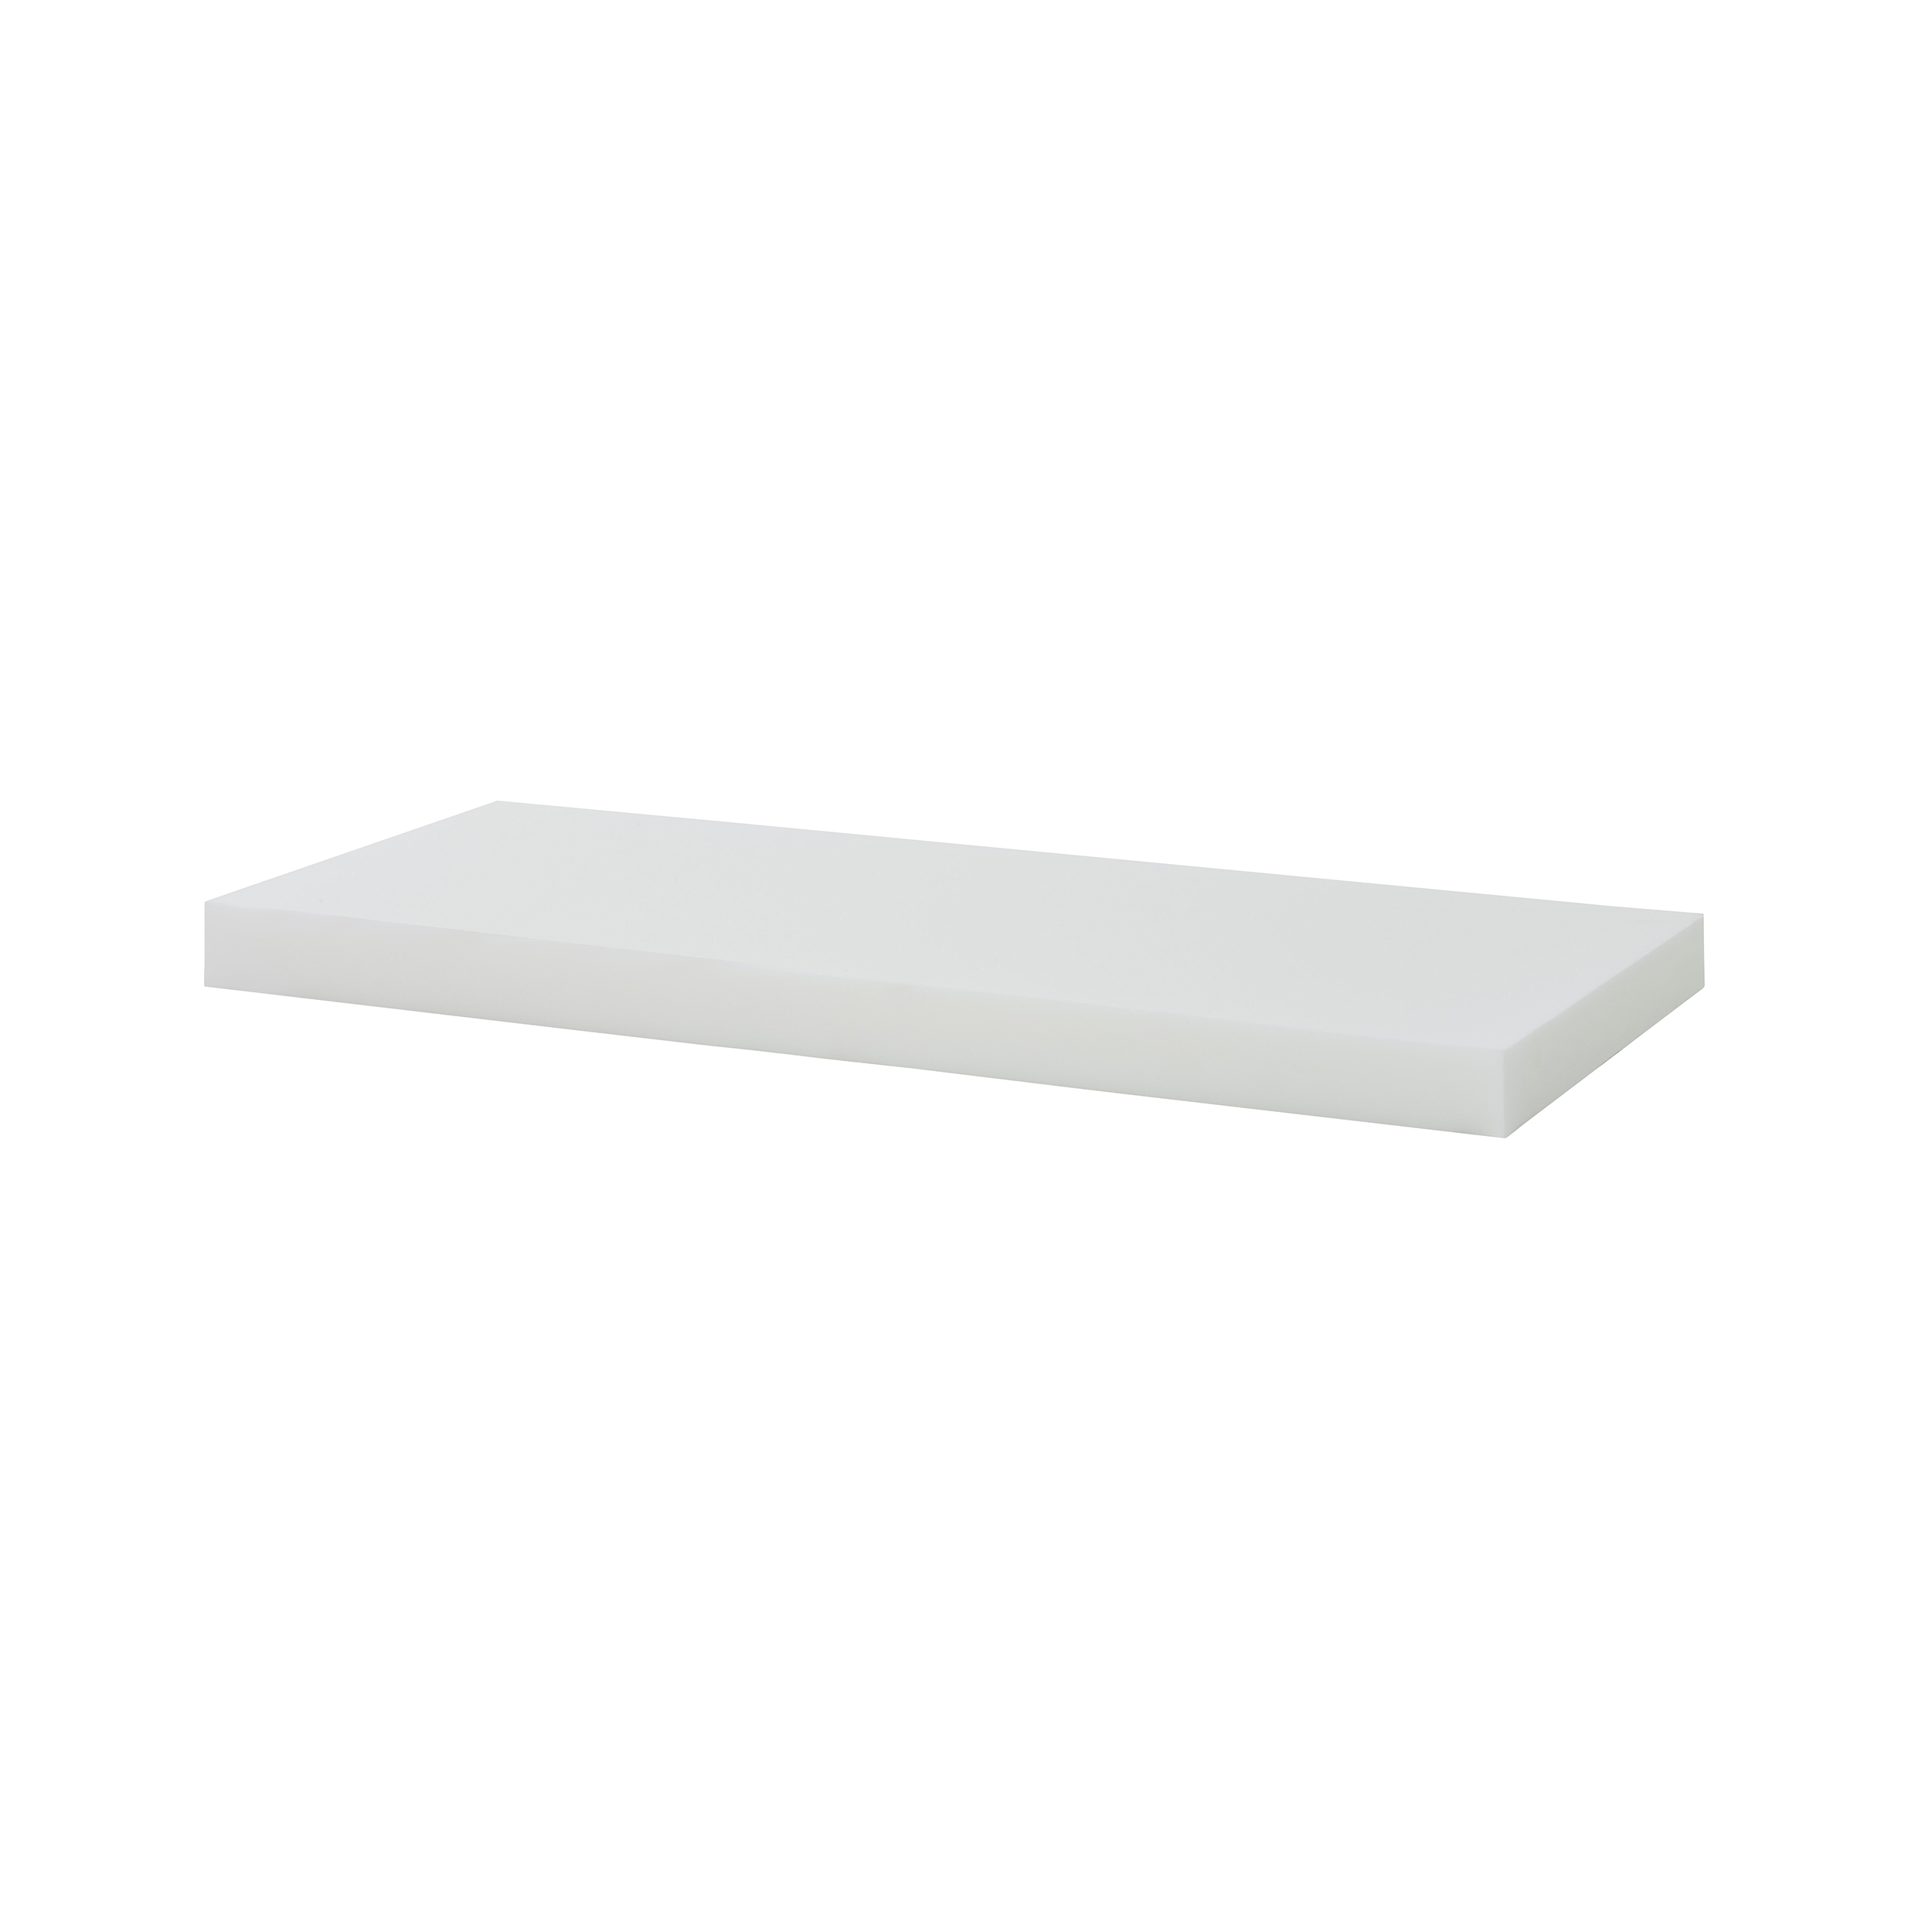 Hoppekids - Foam Mattress - 12x90x200